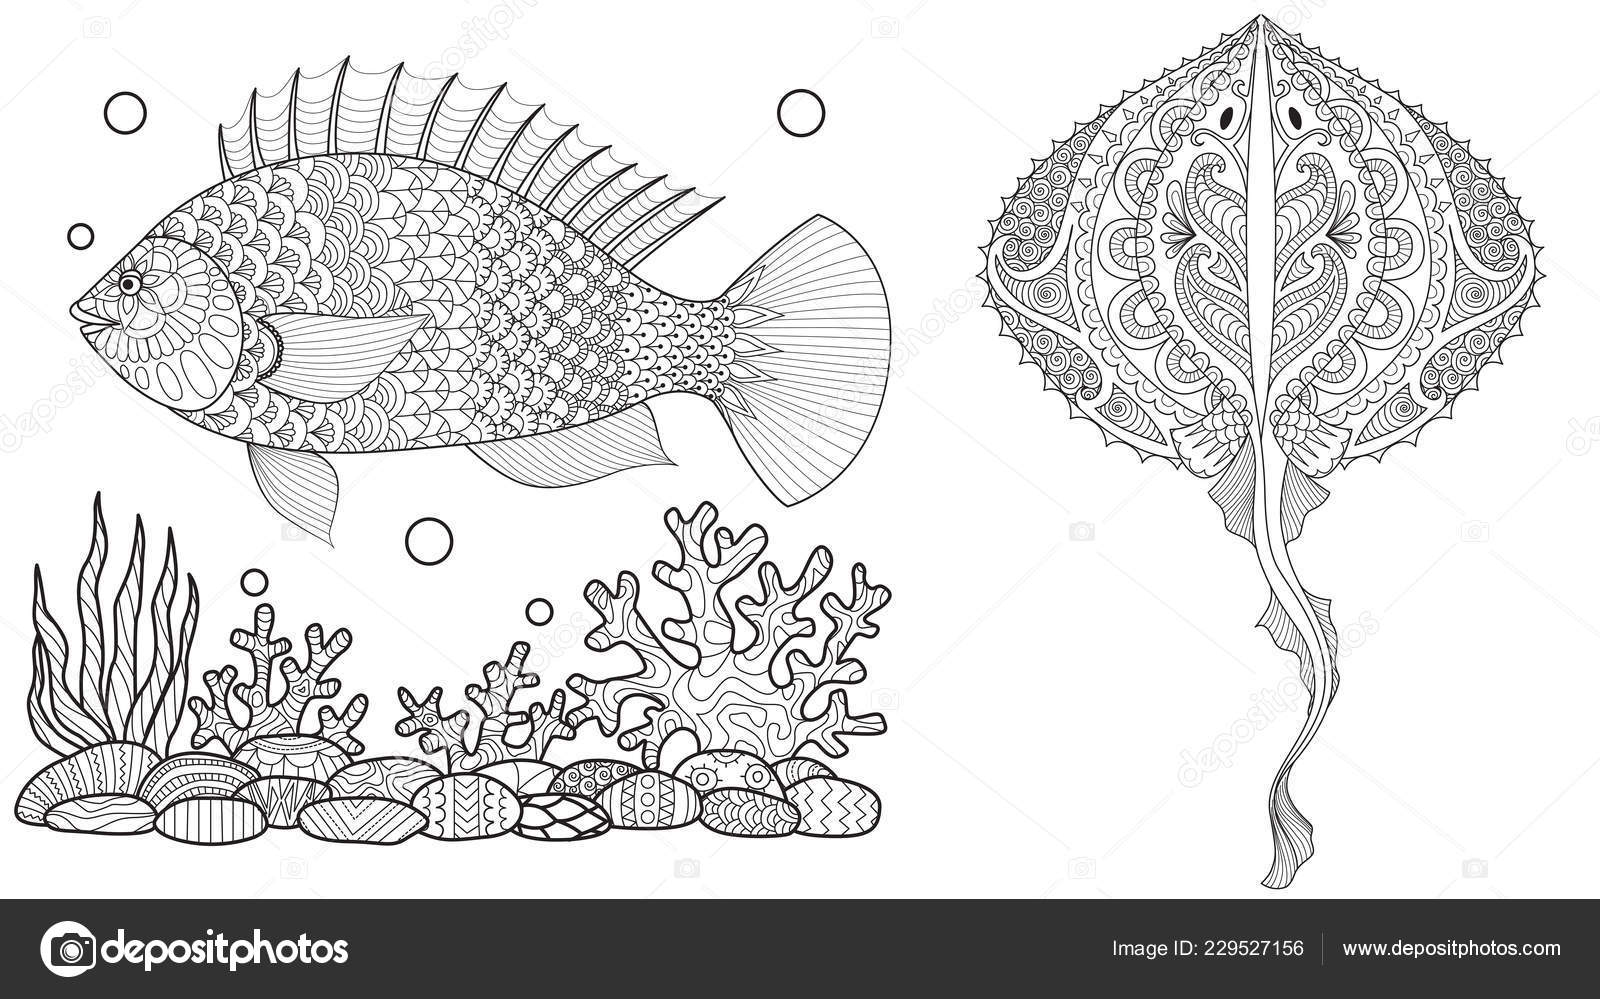 Malvorlagen Für Erwachsene Malbuch Unterwasserwelt Mit Stingray